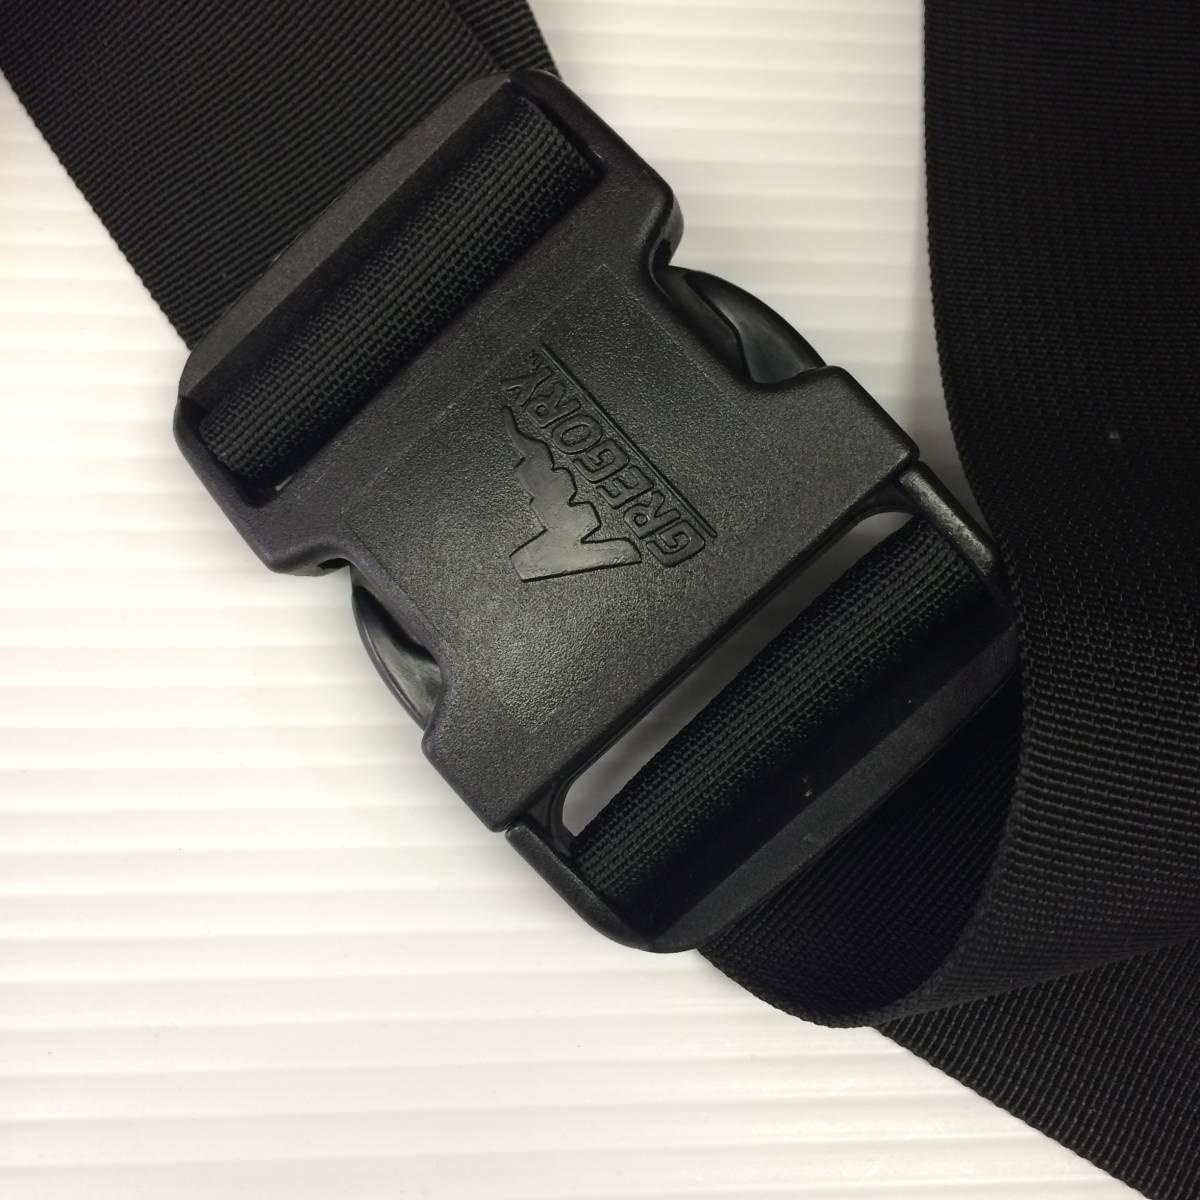 デッドストック USA製 グレゴリー テールメイトS 黒 ブラック ボディバッグ